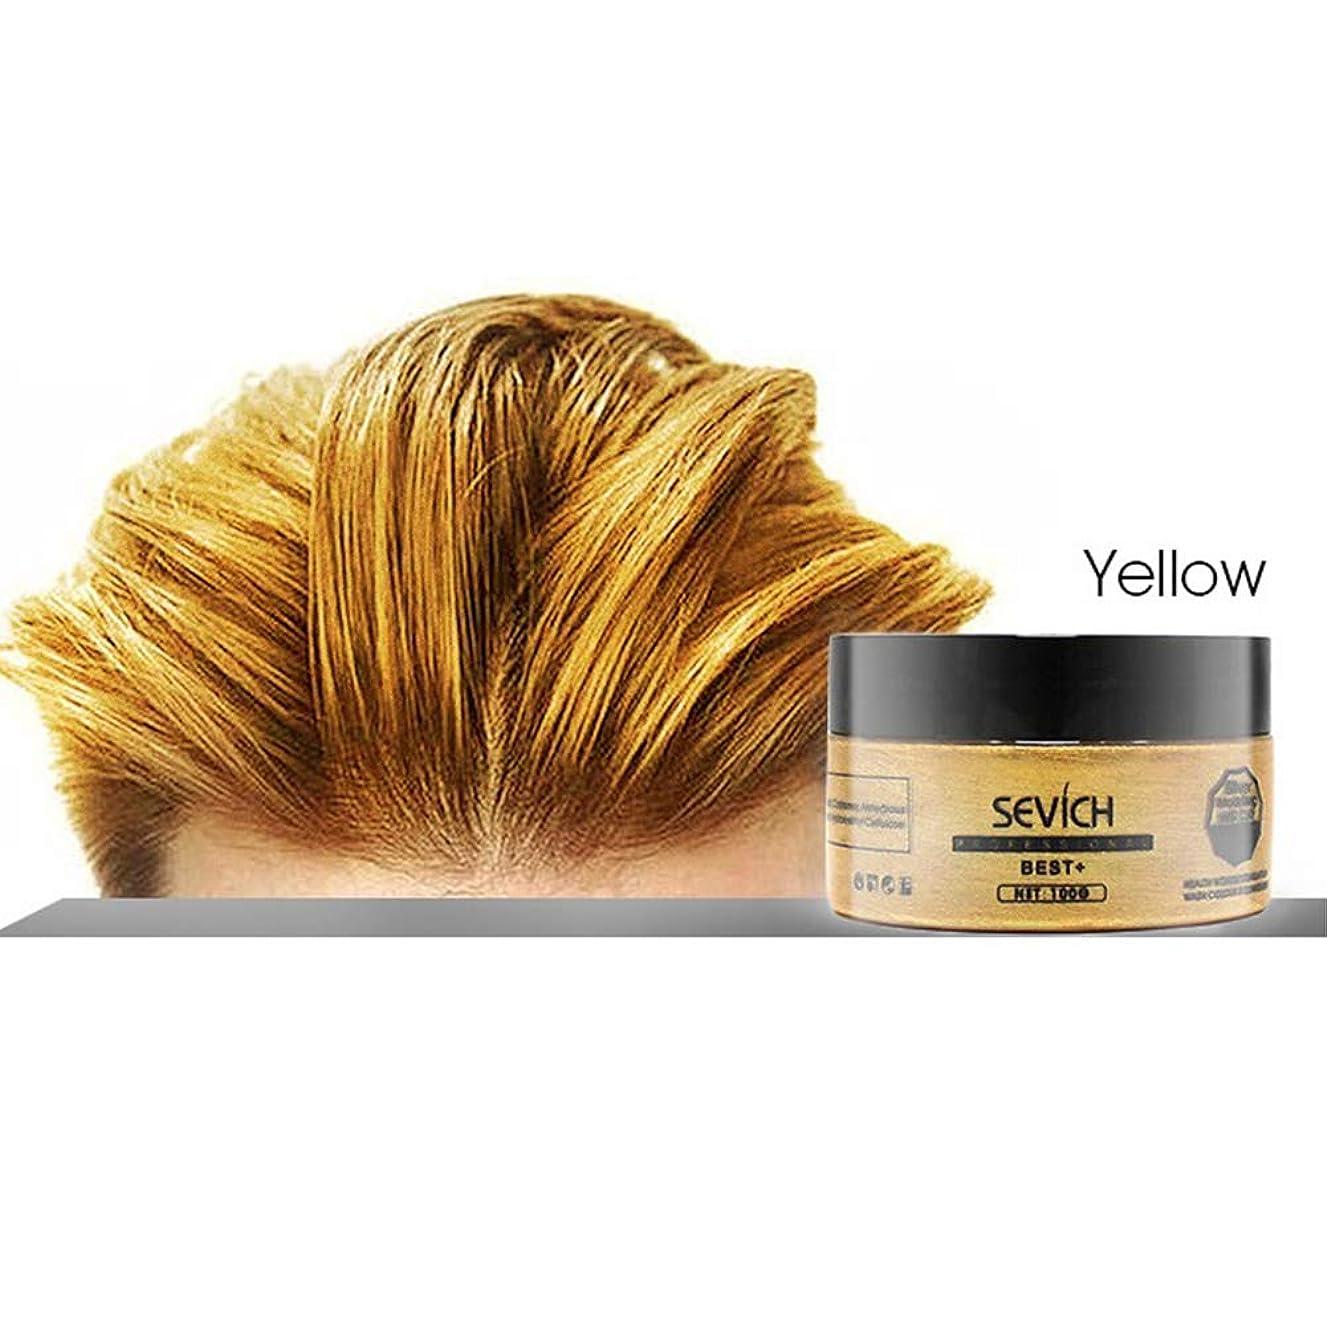 テスピアン写真のクラックACHICOO ヘアカラーワックス ダイヘア ワンタイム モールディング ペースト 美髪 サロン 100gゴールド